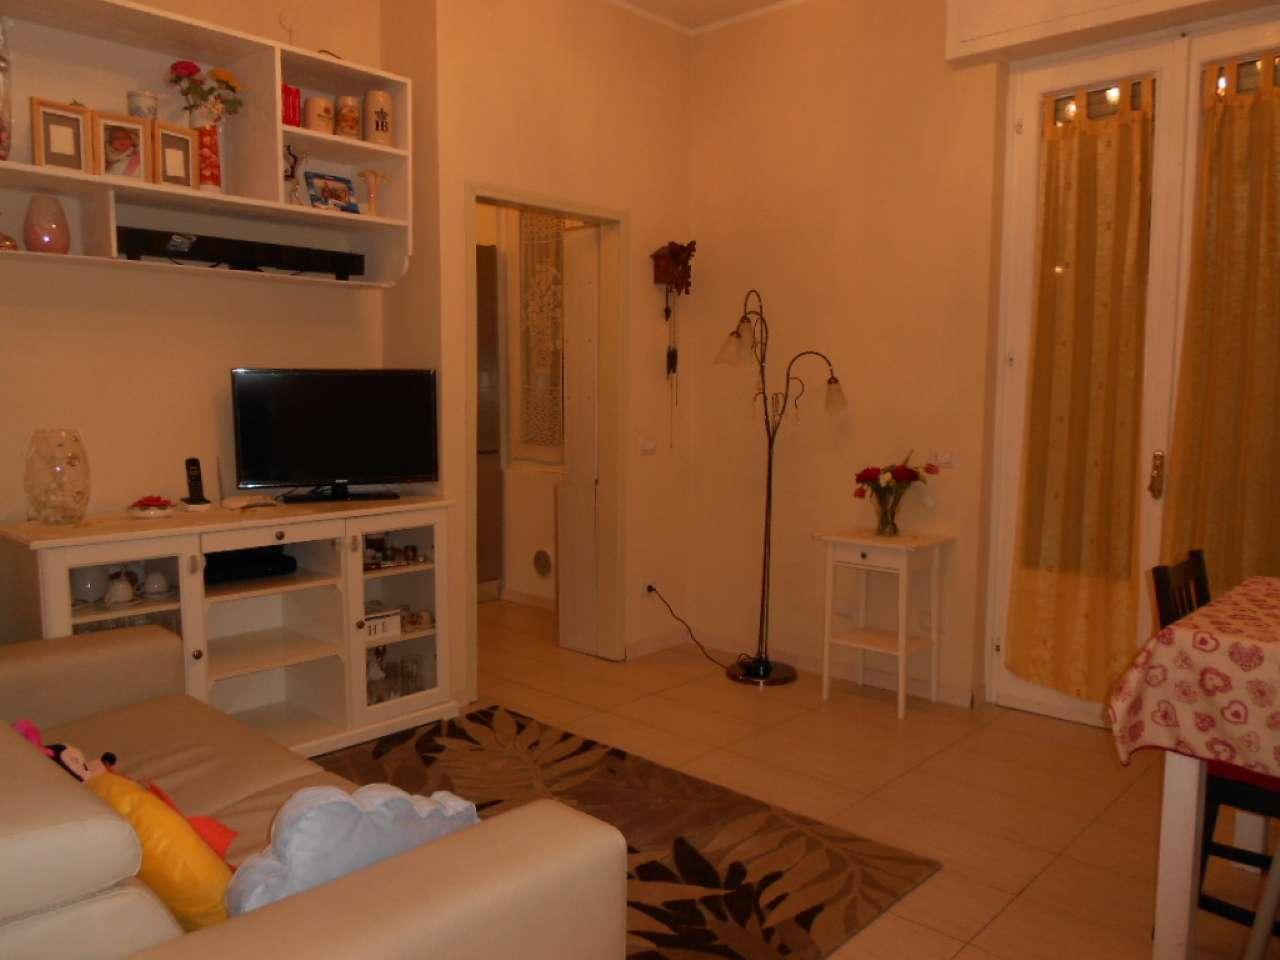 Appartamento in vendita a Spino d'Adda, 3 locali, prezzo € 85.000 | CambioCasa.it